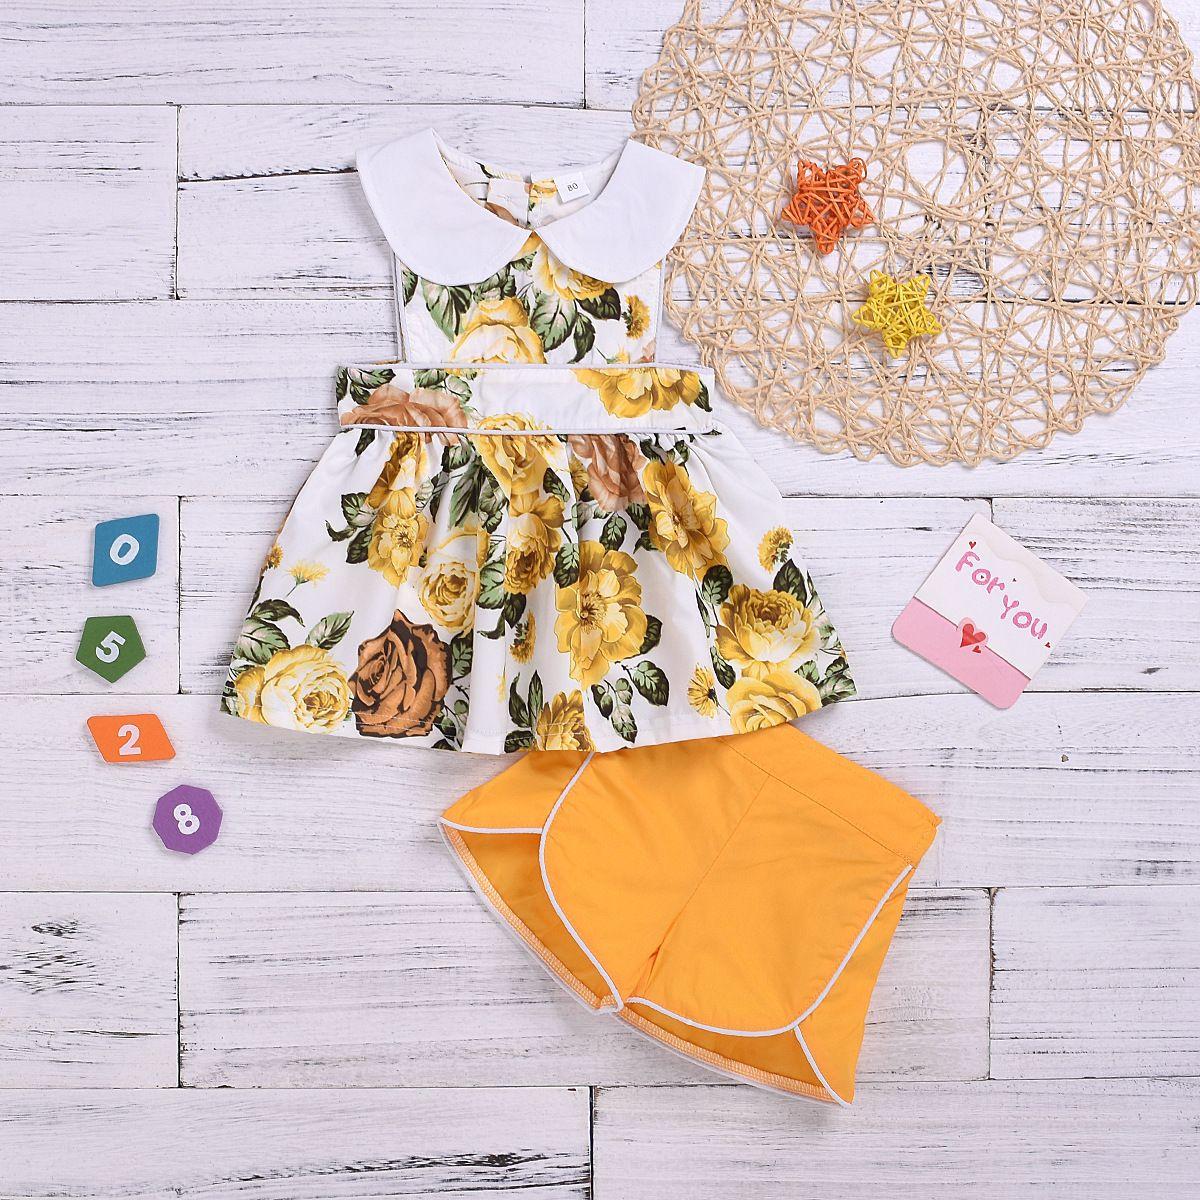 2020 Verão Novo Estilo Infantil Colete Terno Meninas Peter Pan Collar Flower T-shirt Shorts Conjunto de duas peças